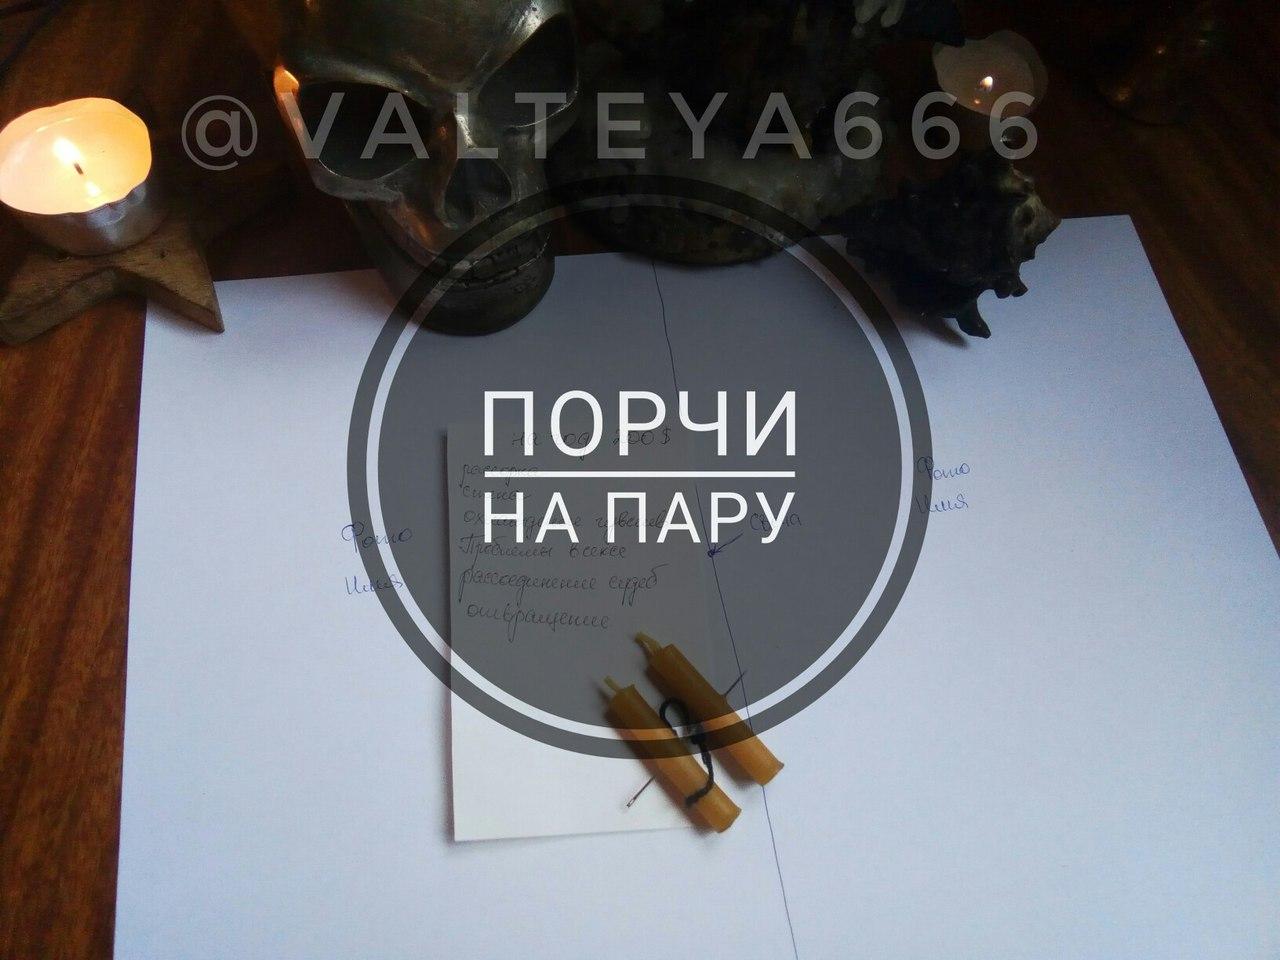 Программные свечи от Елены Руденко. - Страница 11 0TUinL2QjEw